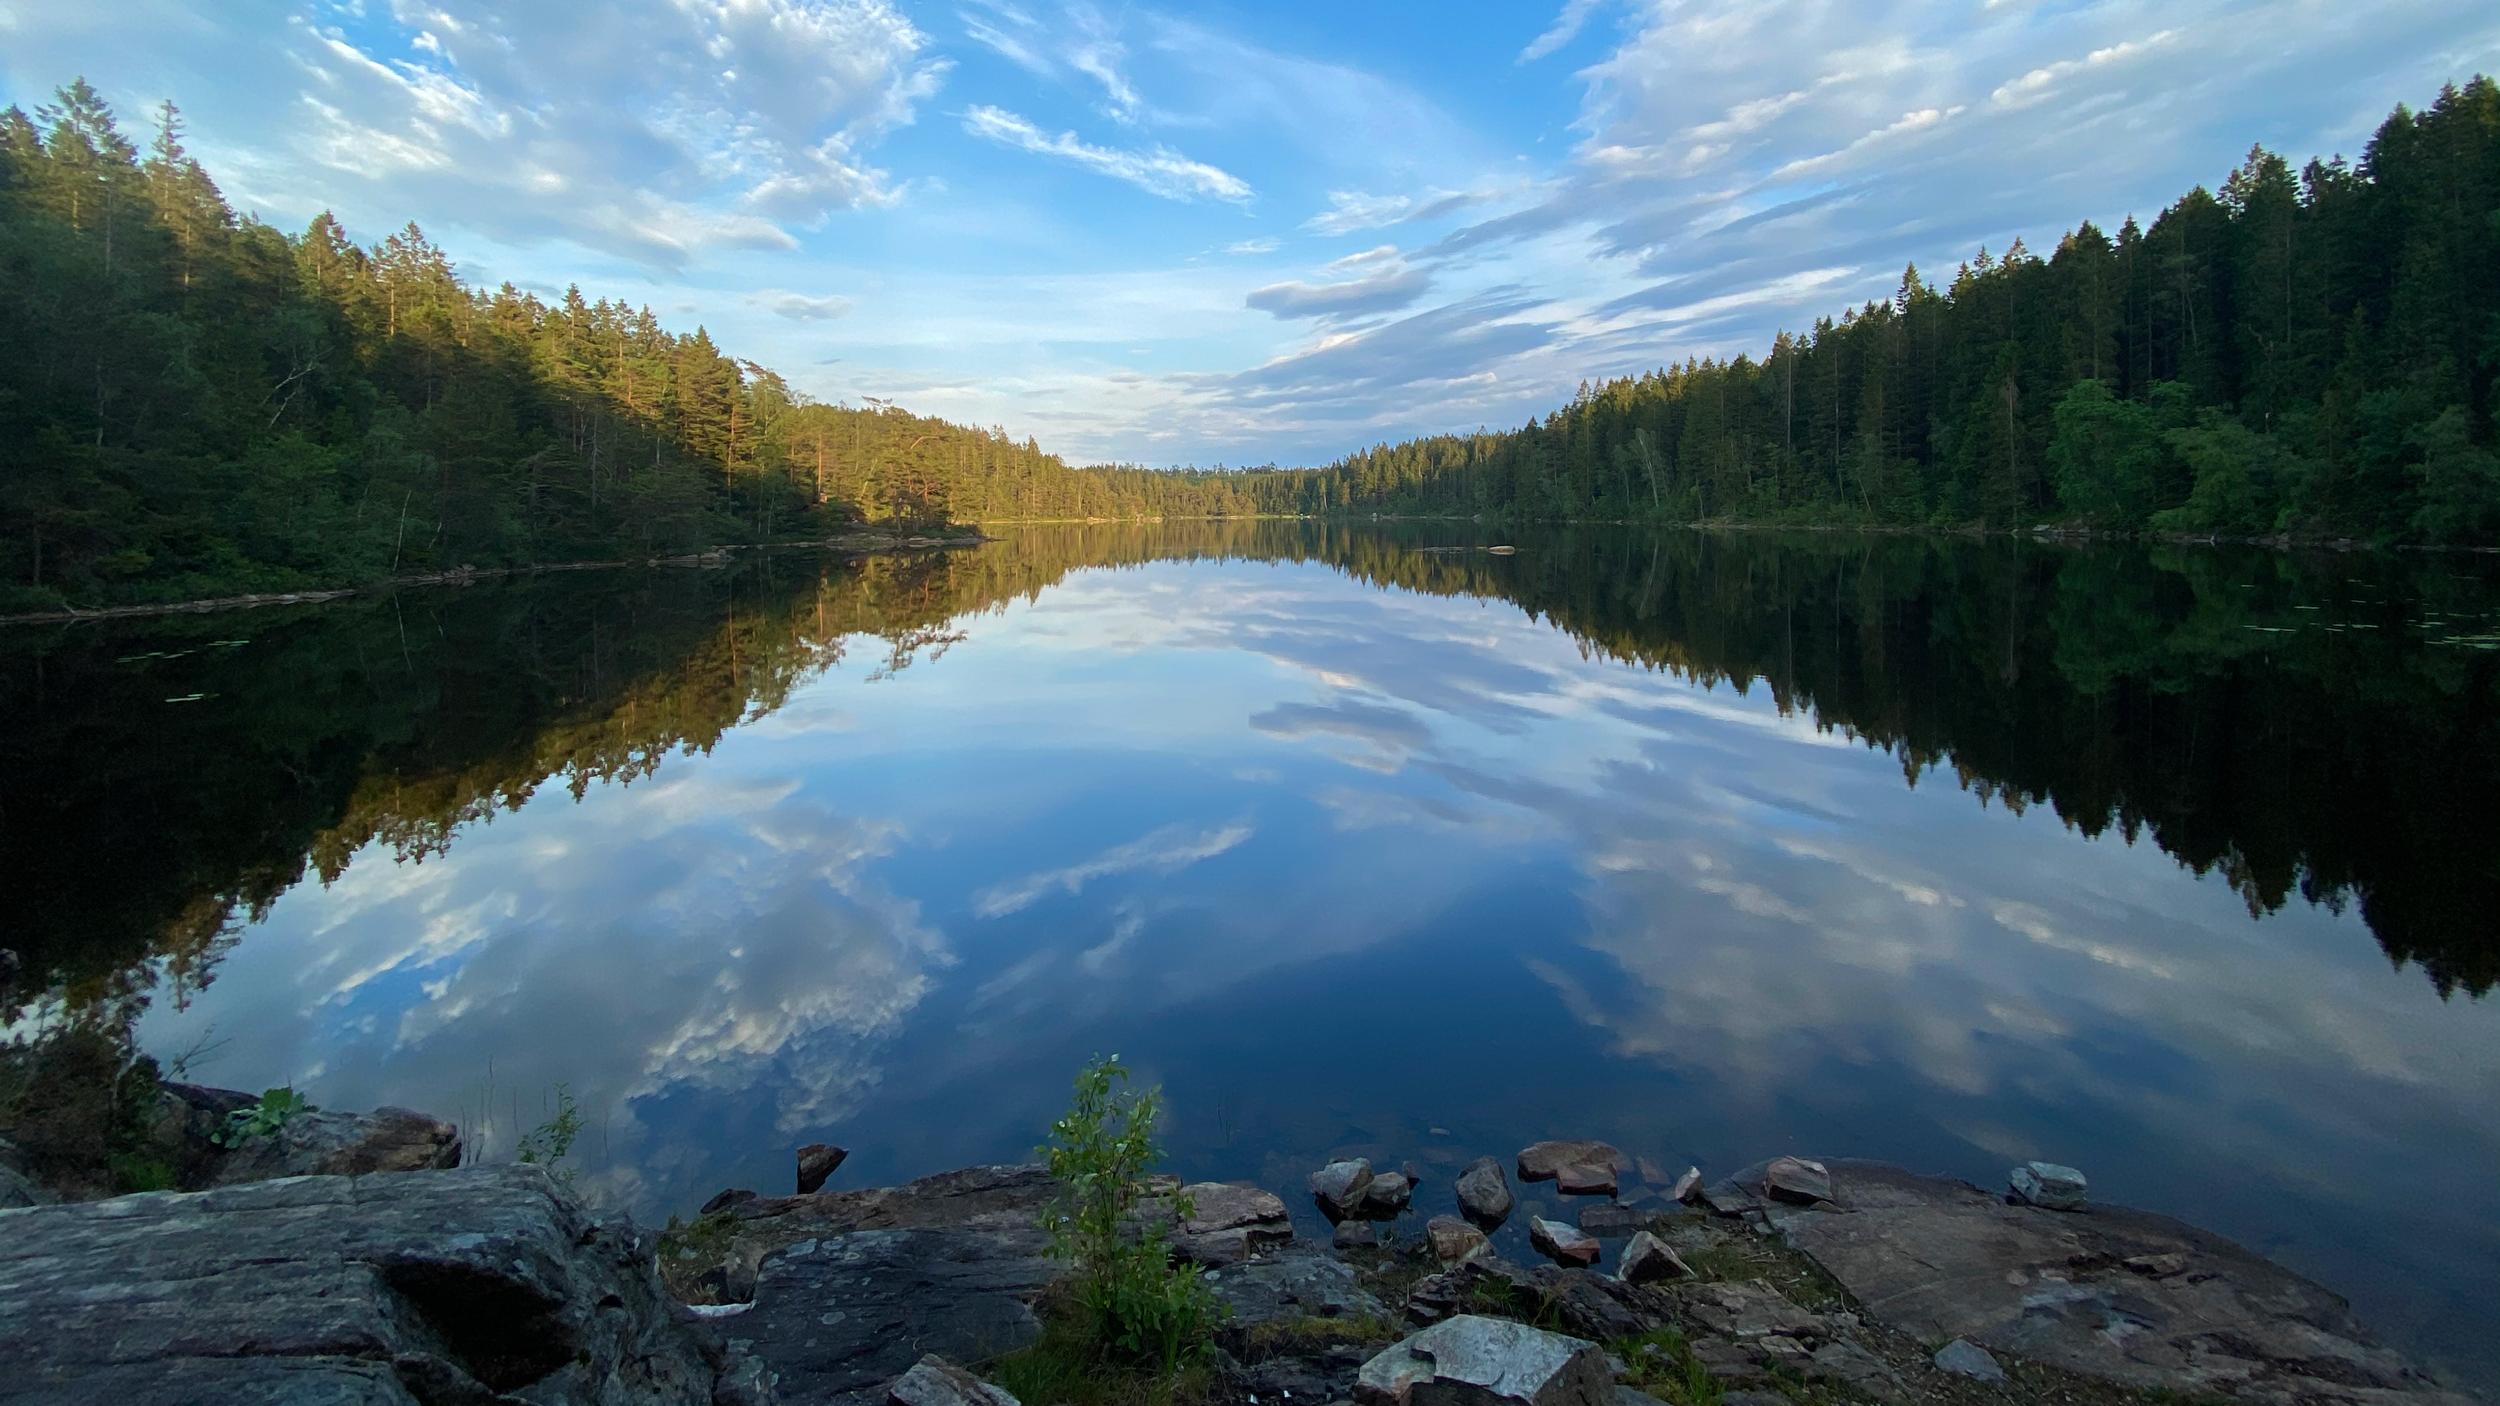 Utsikt över sjö. Foto.